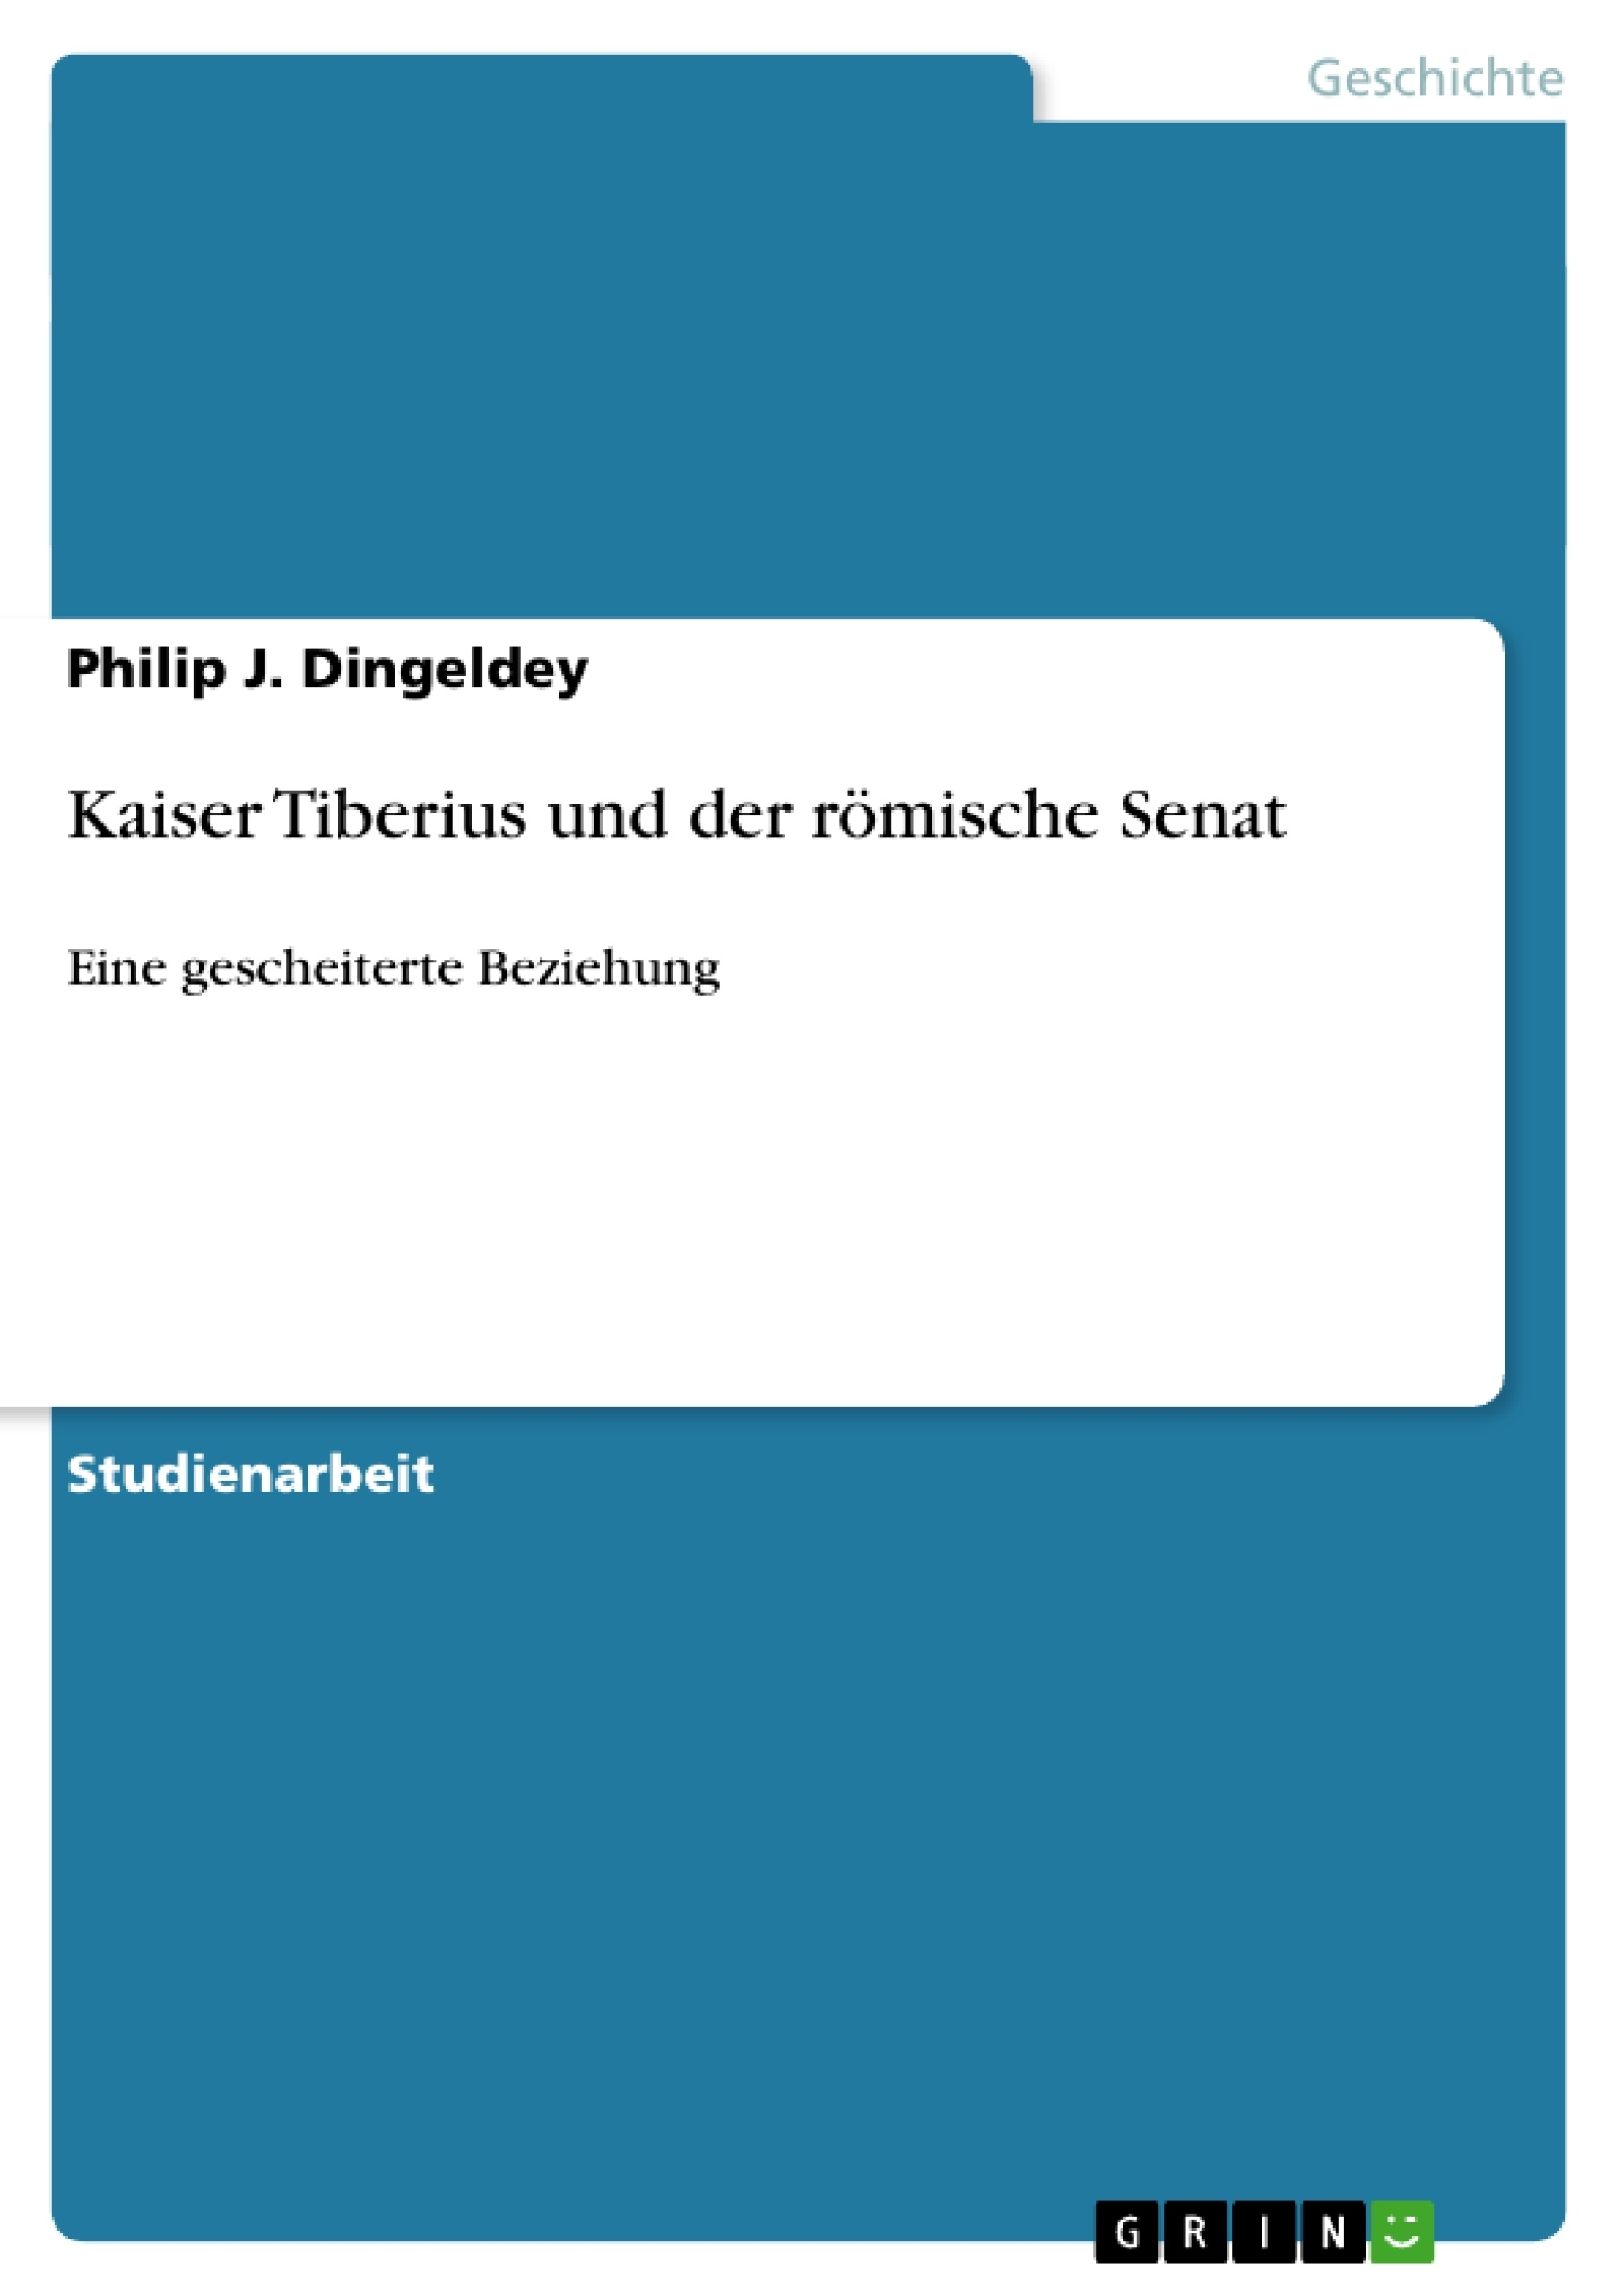 Titel: Kaiser Tiberius und der römische Senat